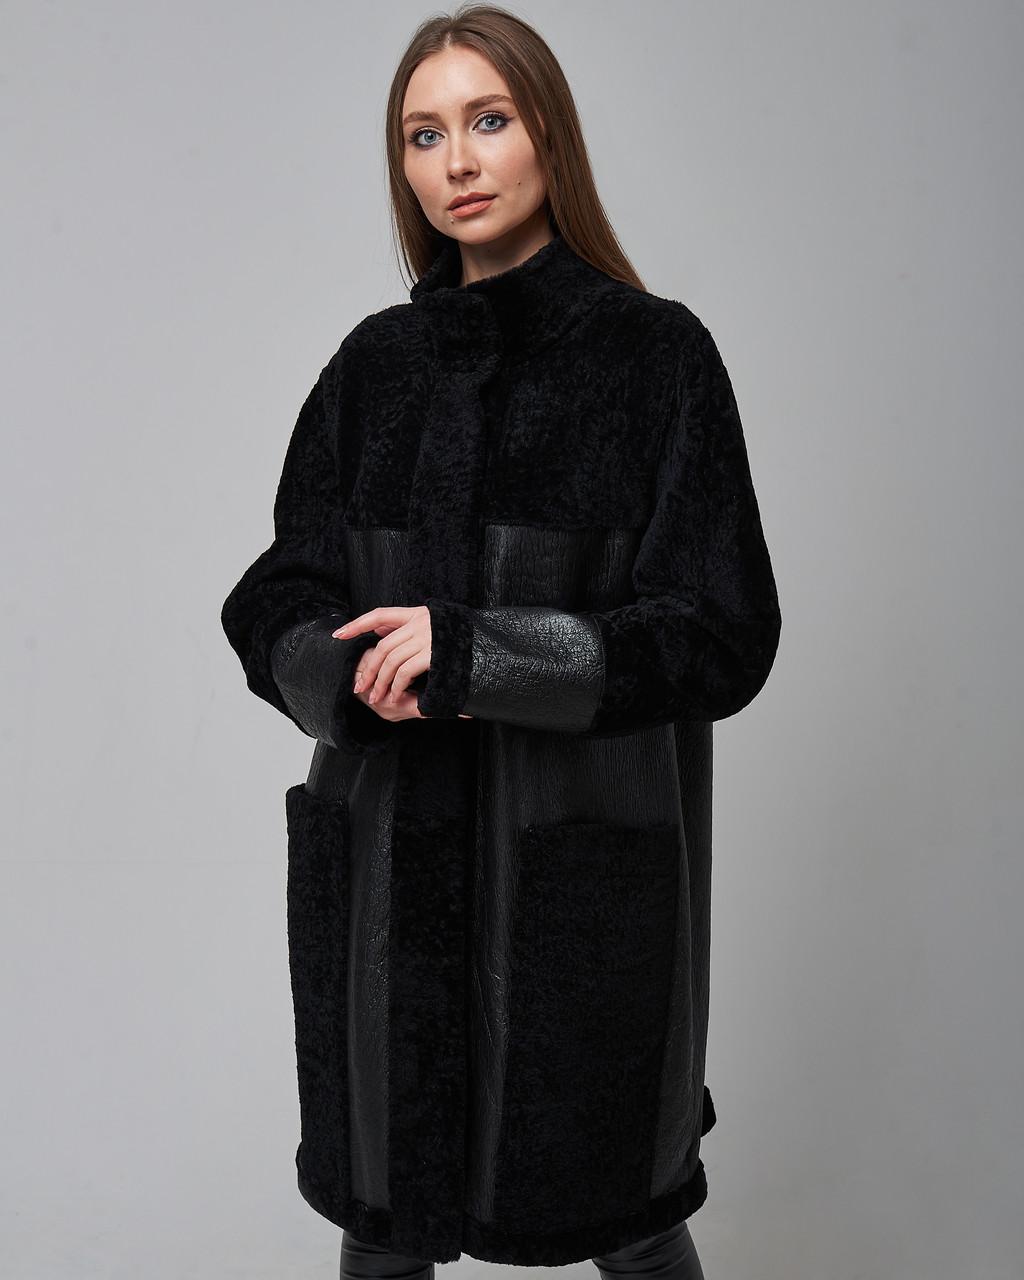 Дубленка женская двусторонняя из натуральной овчины (астраган) черная. Турция.